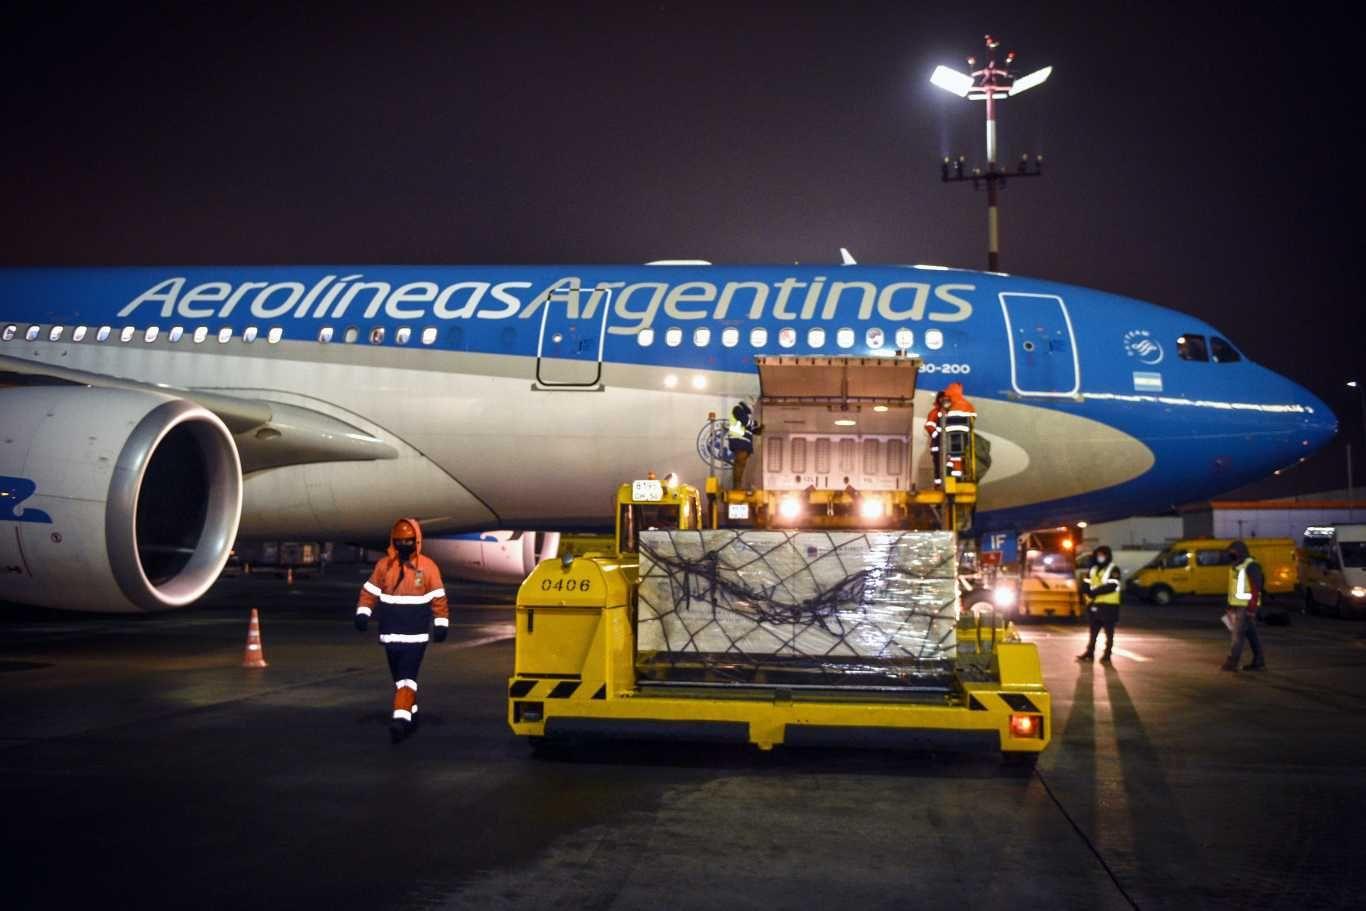 Un nuevo vuelo de Aerolíneas Argentinas partió a las 23 horashacia Moscú para traer más dosis de la vacuna Sputnik V contra el coronavirus